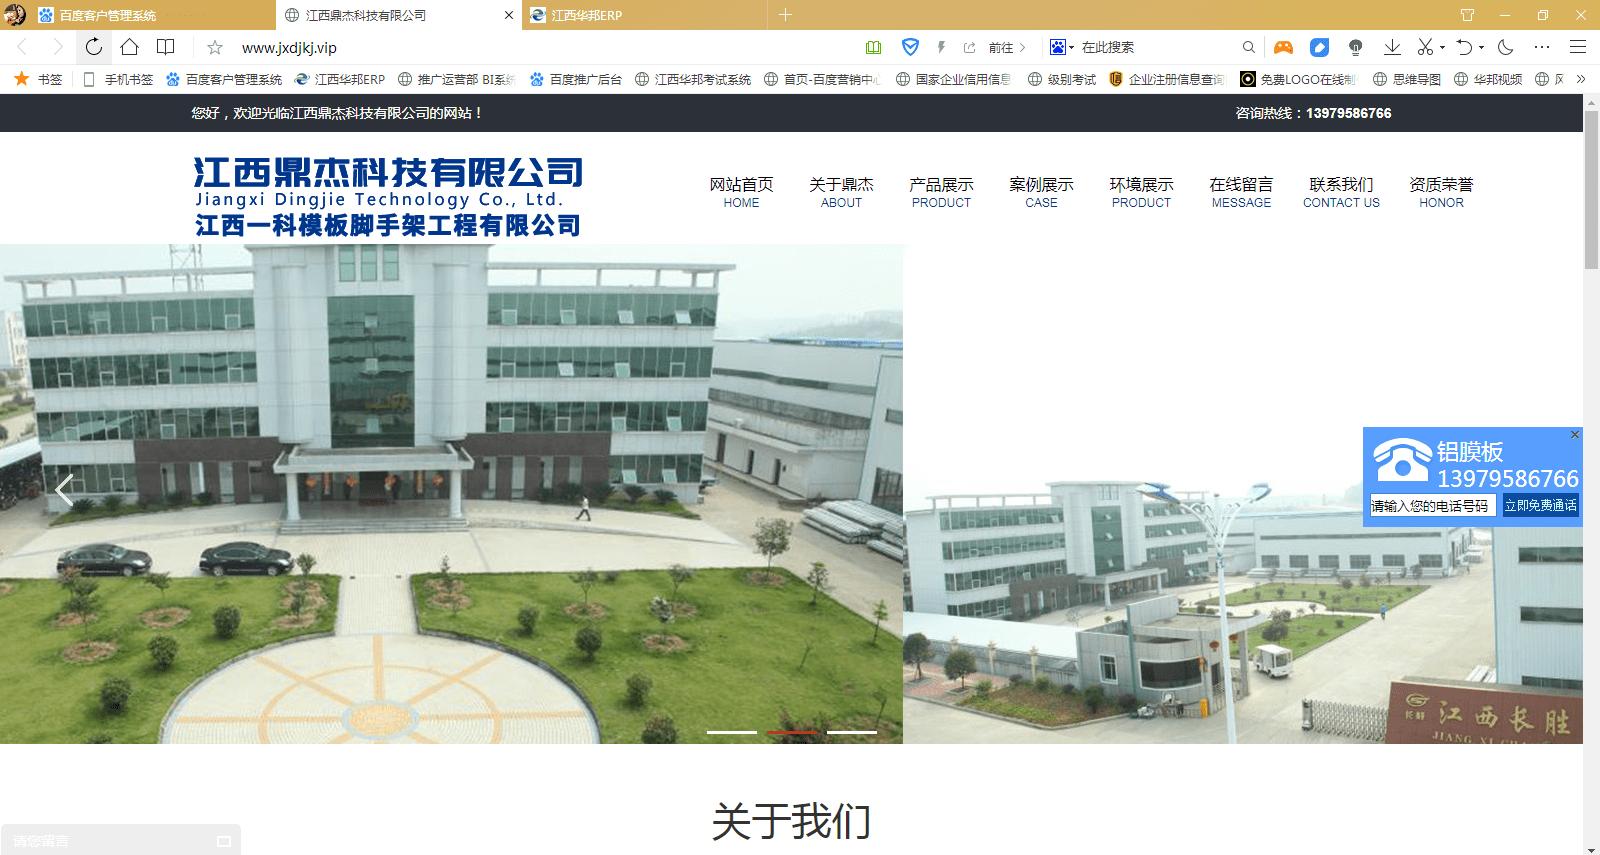 江西鼎杰科技有限公司